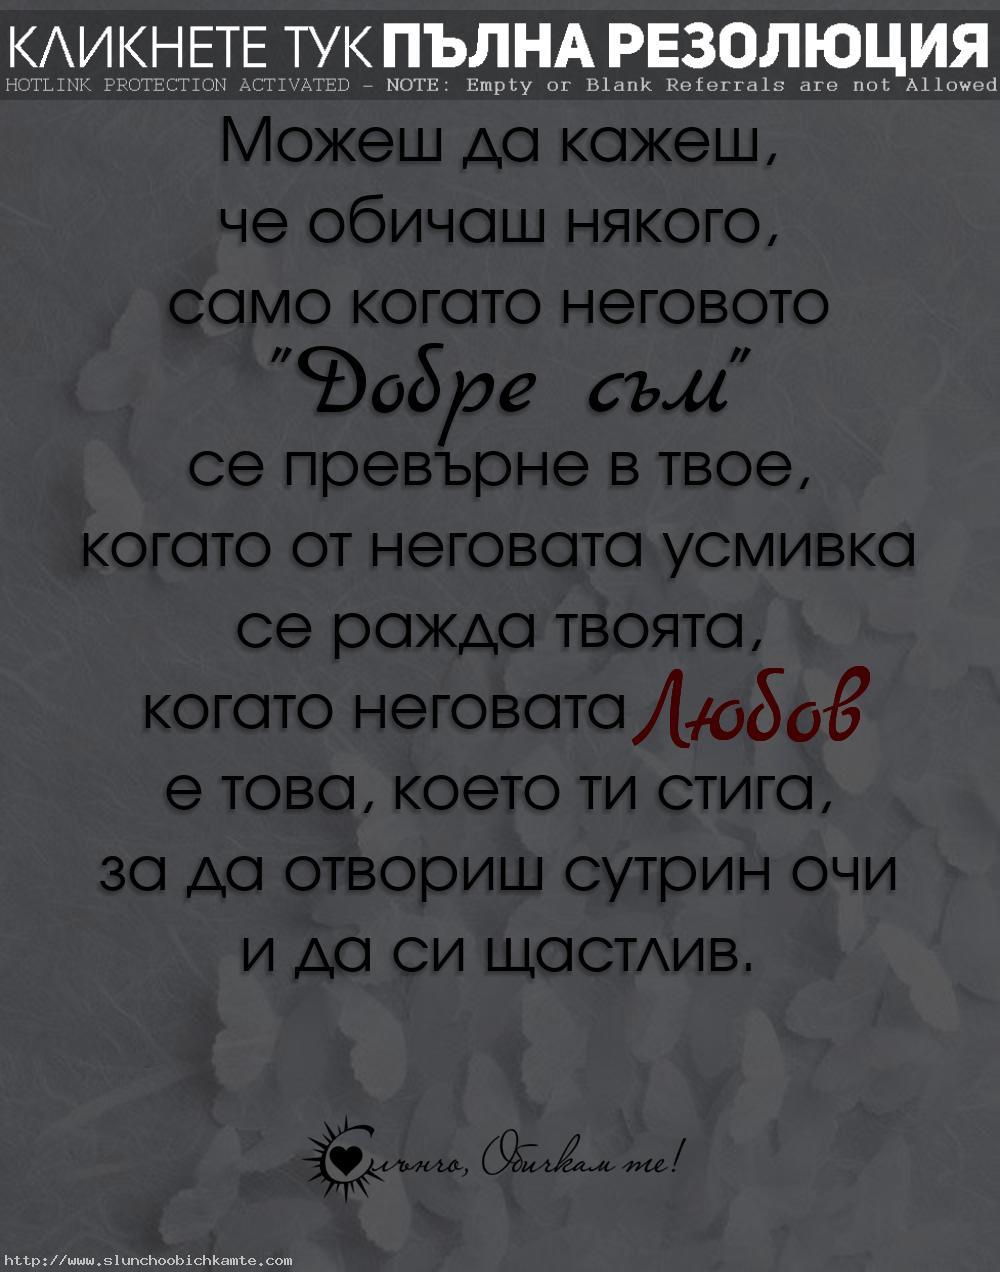 Можеш да кажеш, че обичаш някого, само когато неговото Добре съм, се превърне в твое, когато от неговата усмивка се ражда твоята, когато неговата Любов е това, което ти стига, за да отвориш сутрин очи и да си щастлив - любов, щастие, обич, обичам те, любовни мисли, любовни статуси, цитати за любовта